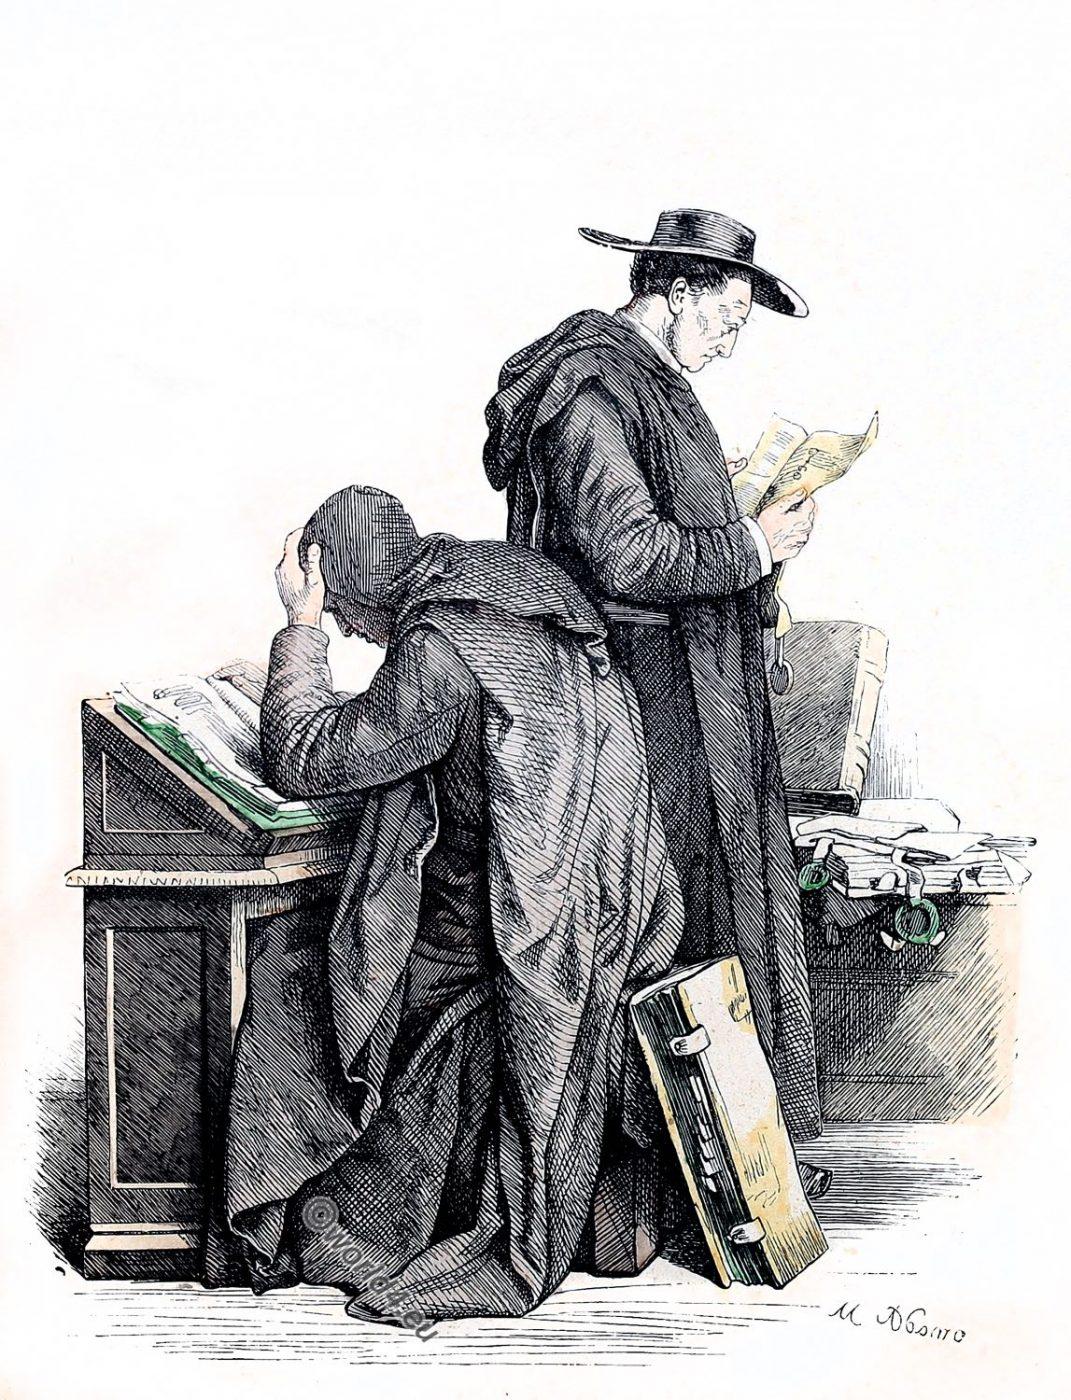 Benedictines, Ecclesiastical habit, religious order